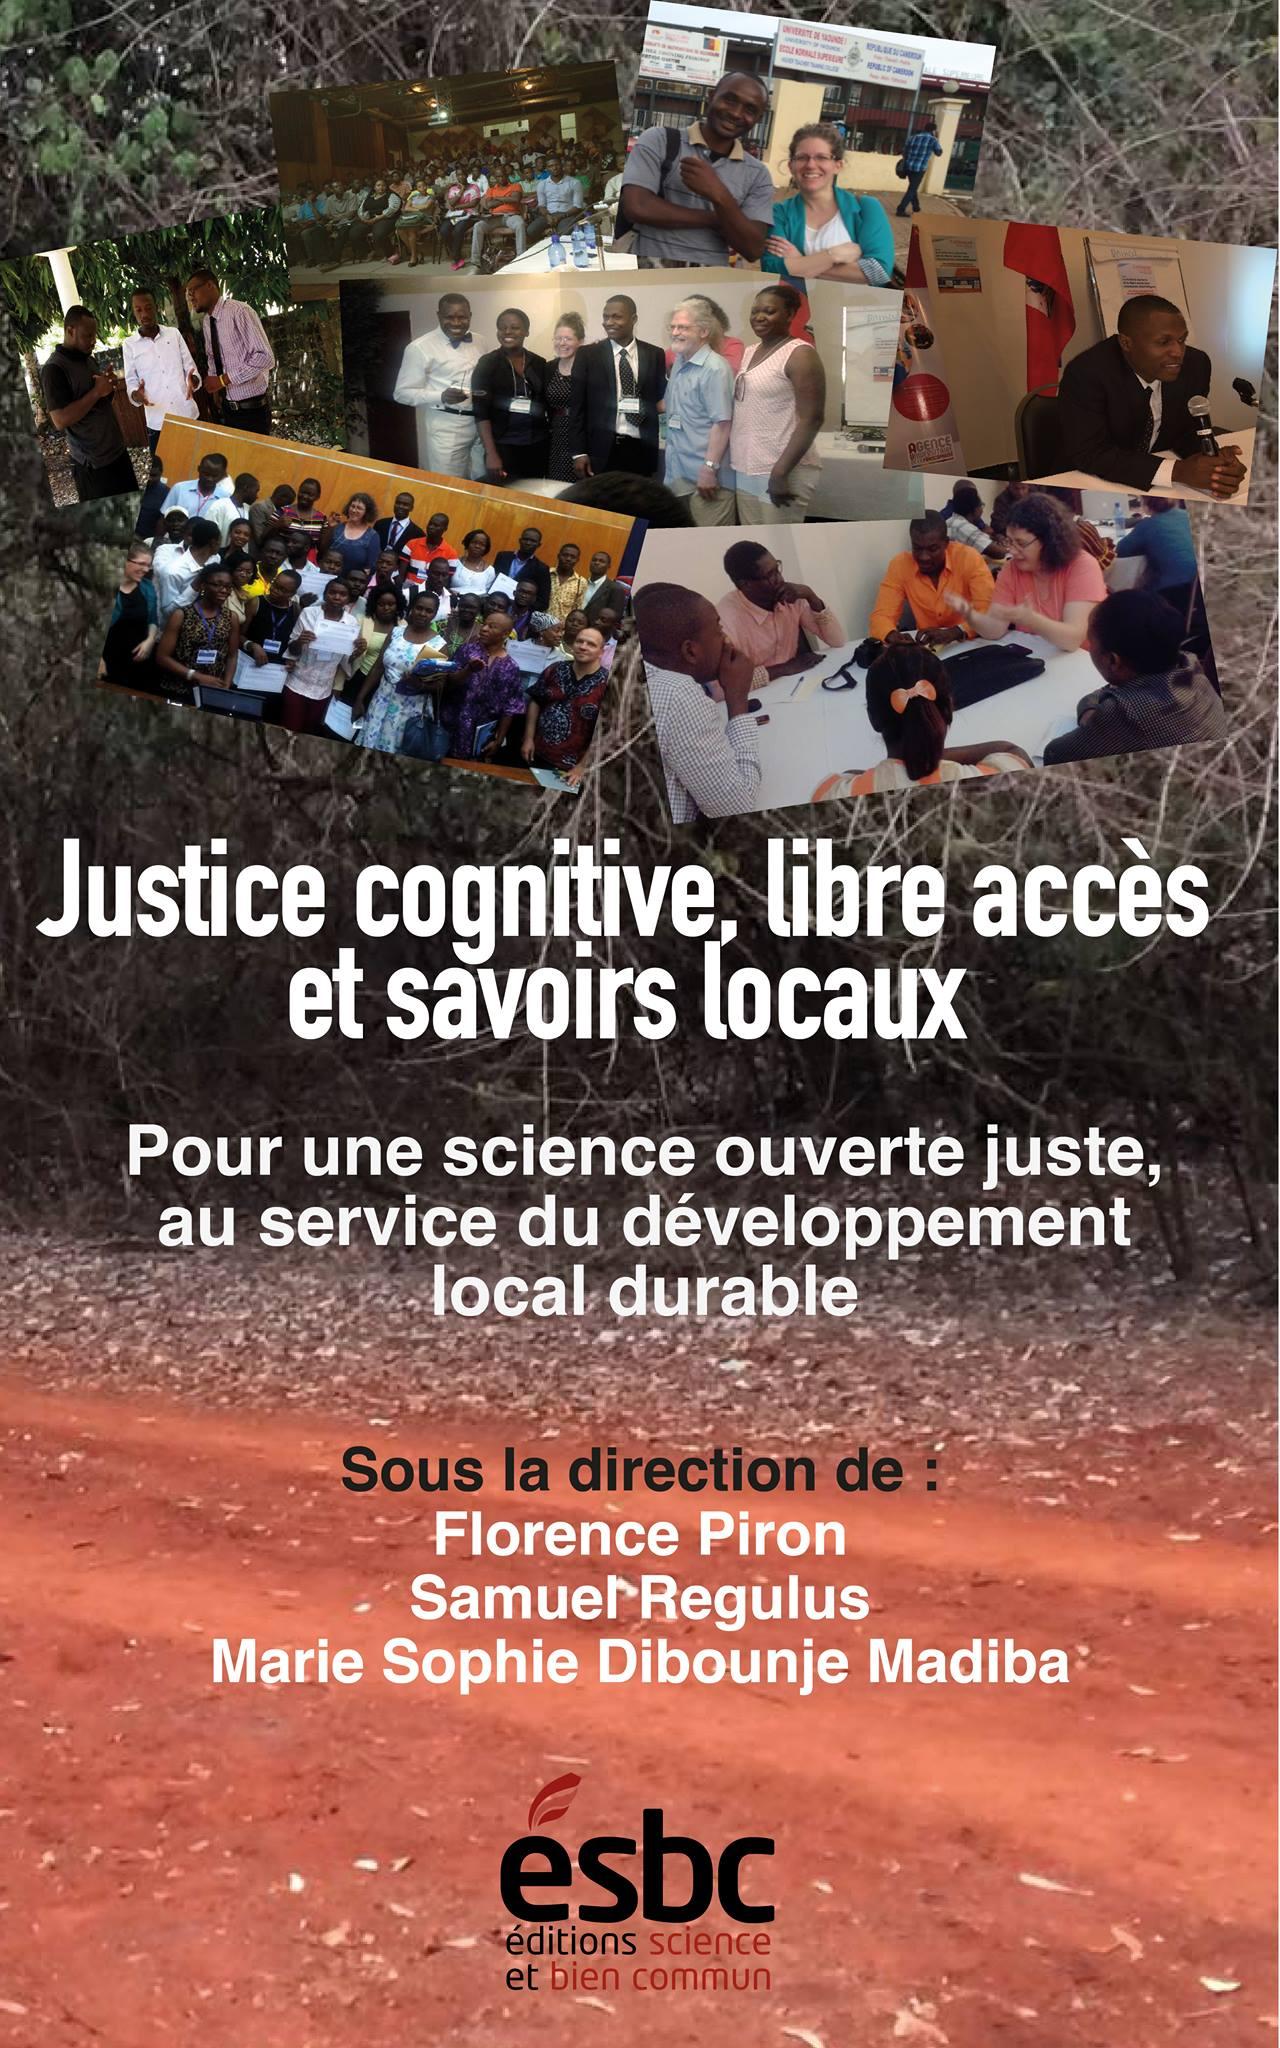 Affiche sur fond de photos de gens en Afrique lors d'ateliers, etc. Édition Science et bien commun (ESBC).